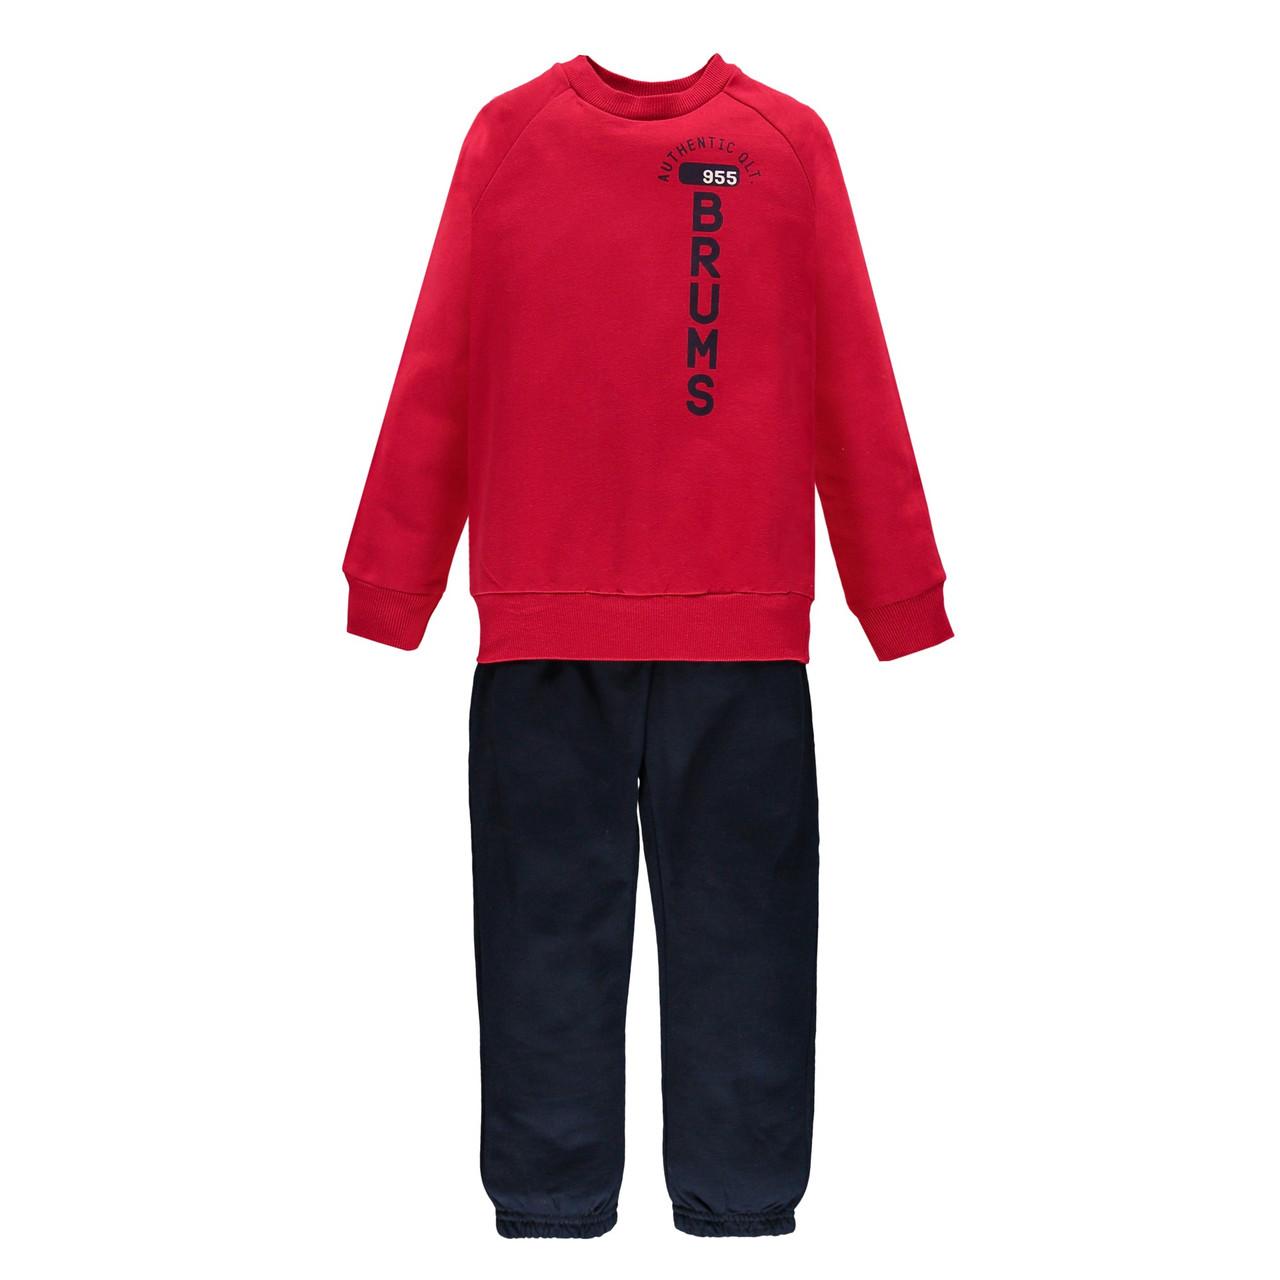 Спортивний костюм з толстовкою з логотипом Brums 000BFEP002 червоний 110-122